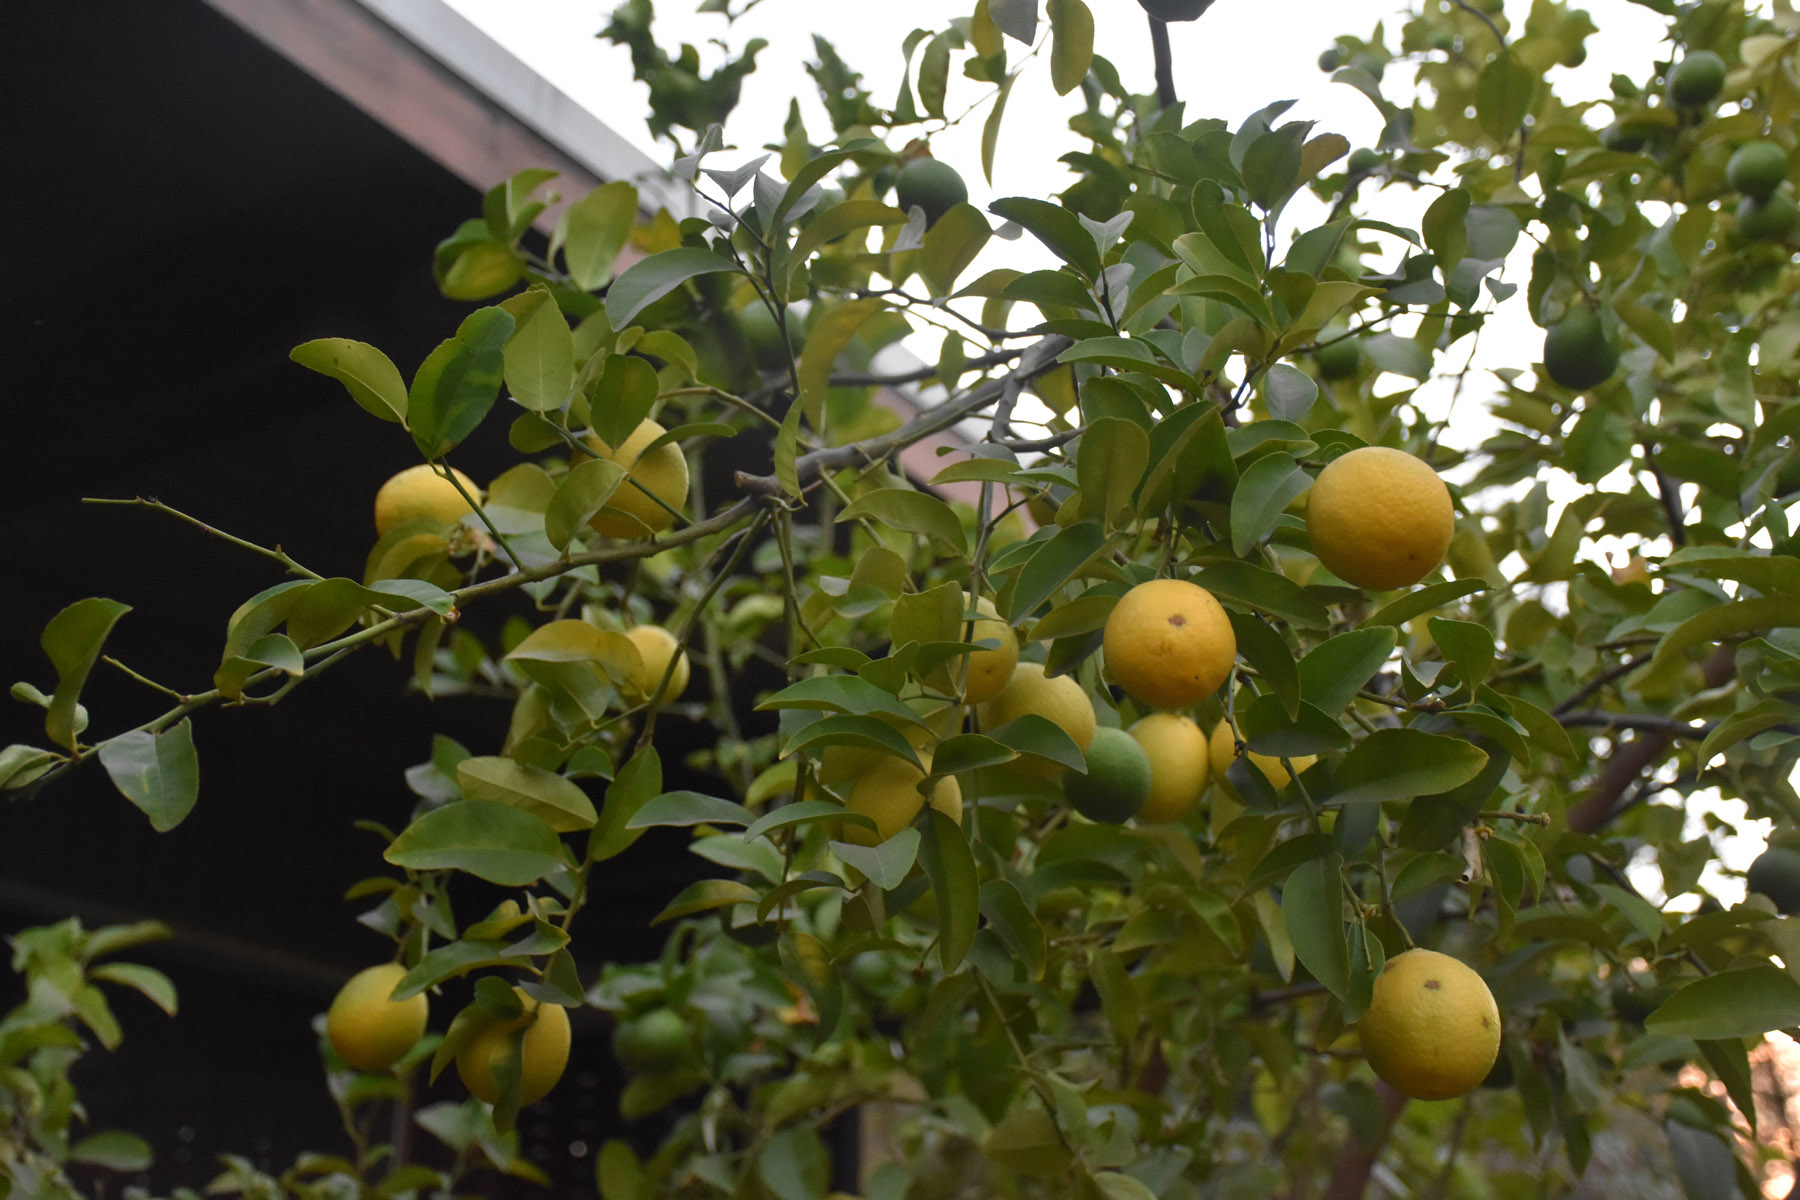 lemontree-offsite-garden_29310538534_o